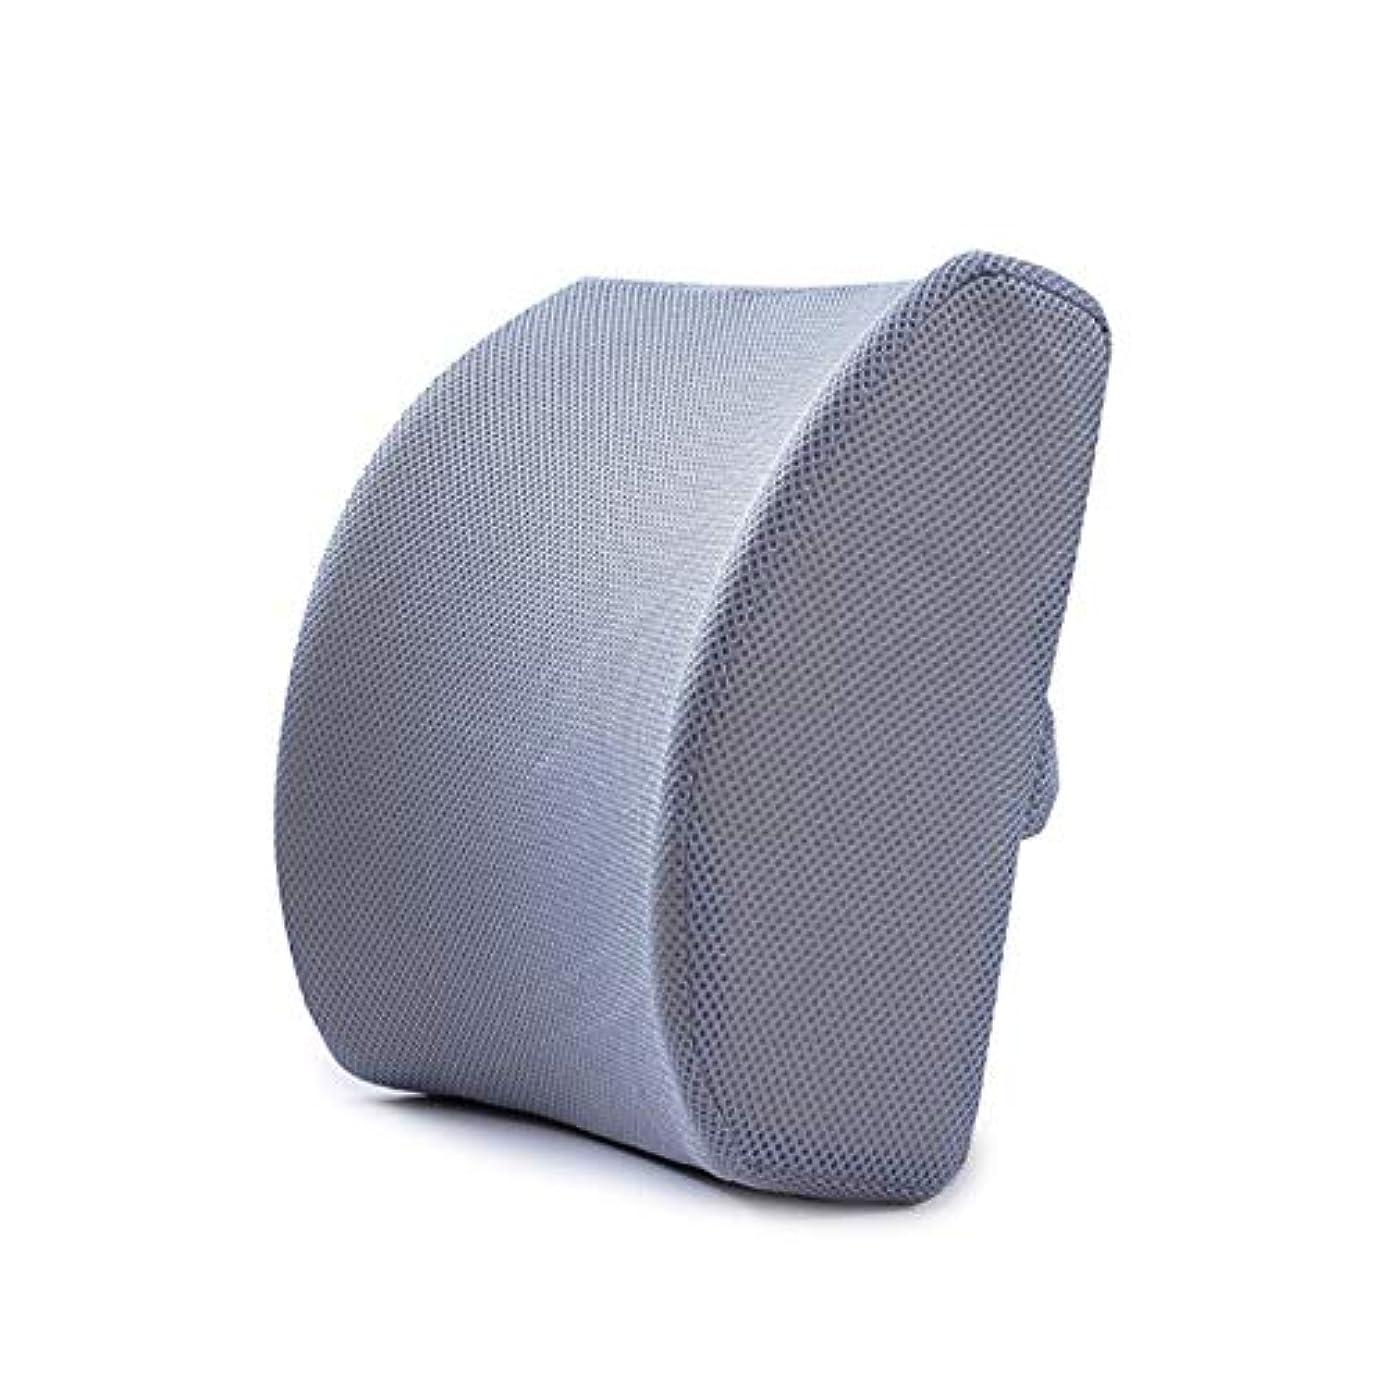 不屈会計士悲劇LIFE ホームオフィス背もたれ椅子腰椎クッションカーシートネック枕 3D 低反発サポートバックマッサージウエストレスリビング枕 クッション 椅子